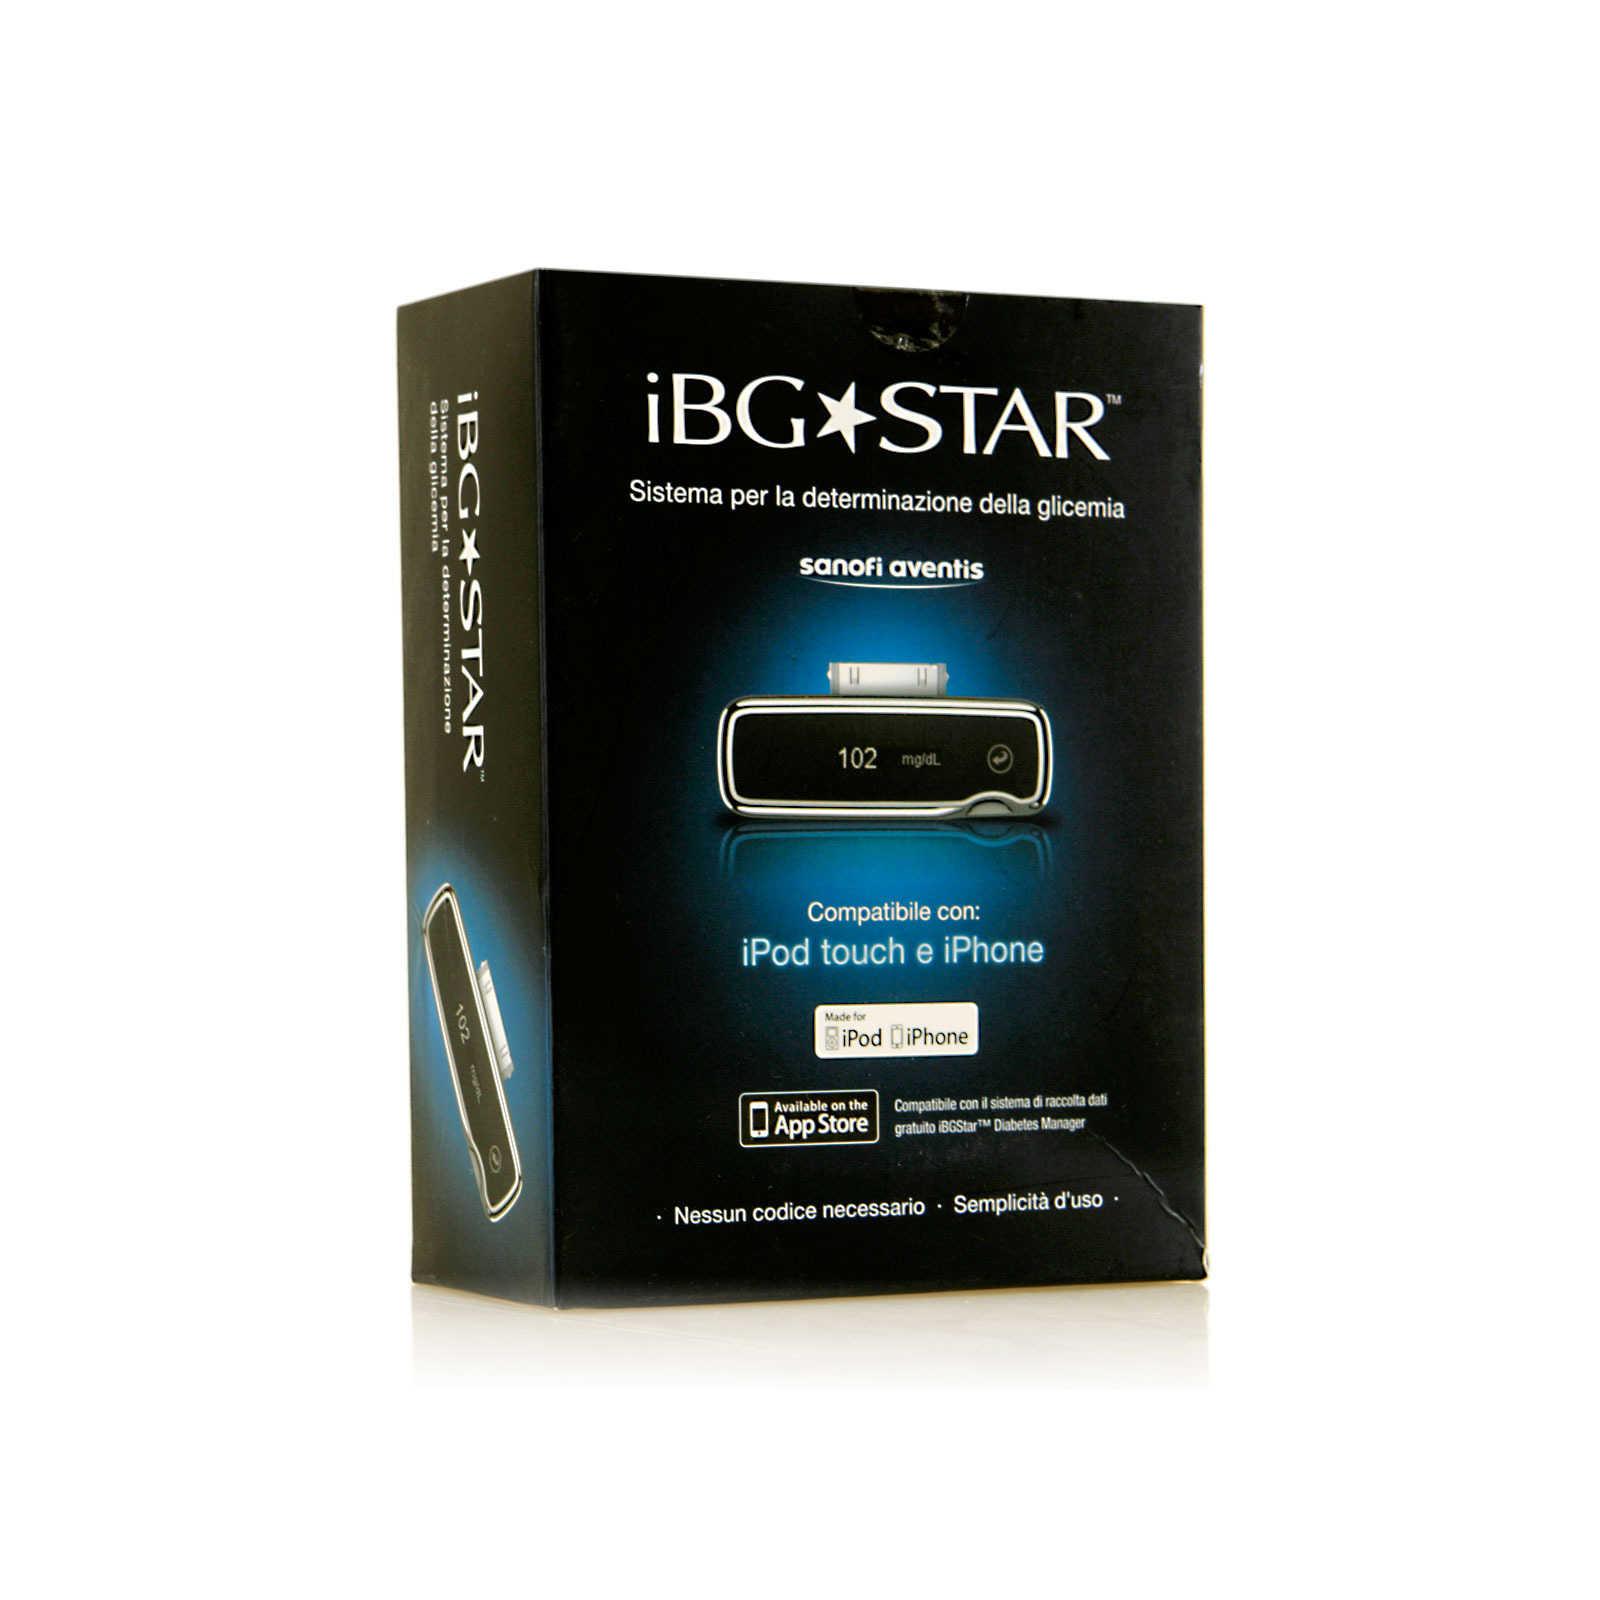 Bgstar - Misuratore di glicema per iPhone, iPod e iPad